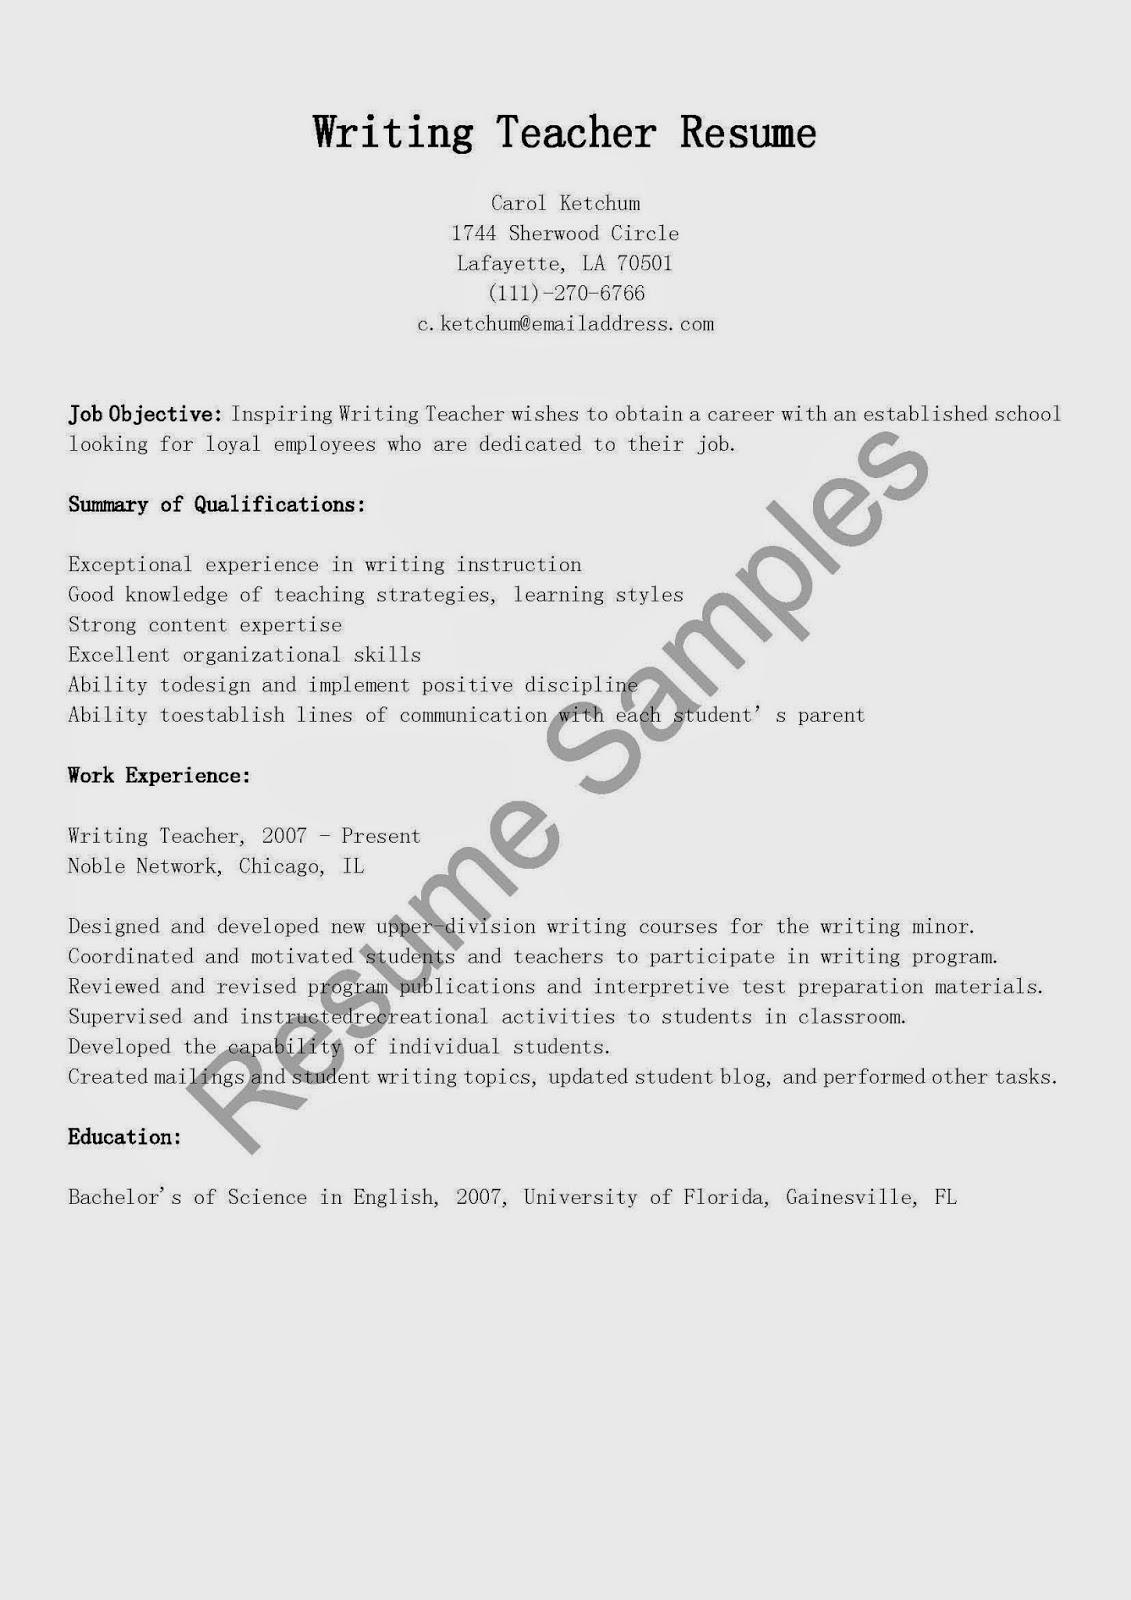 resume sles writing resume sle